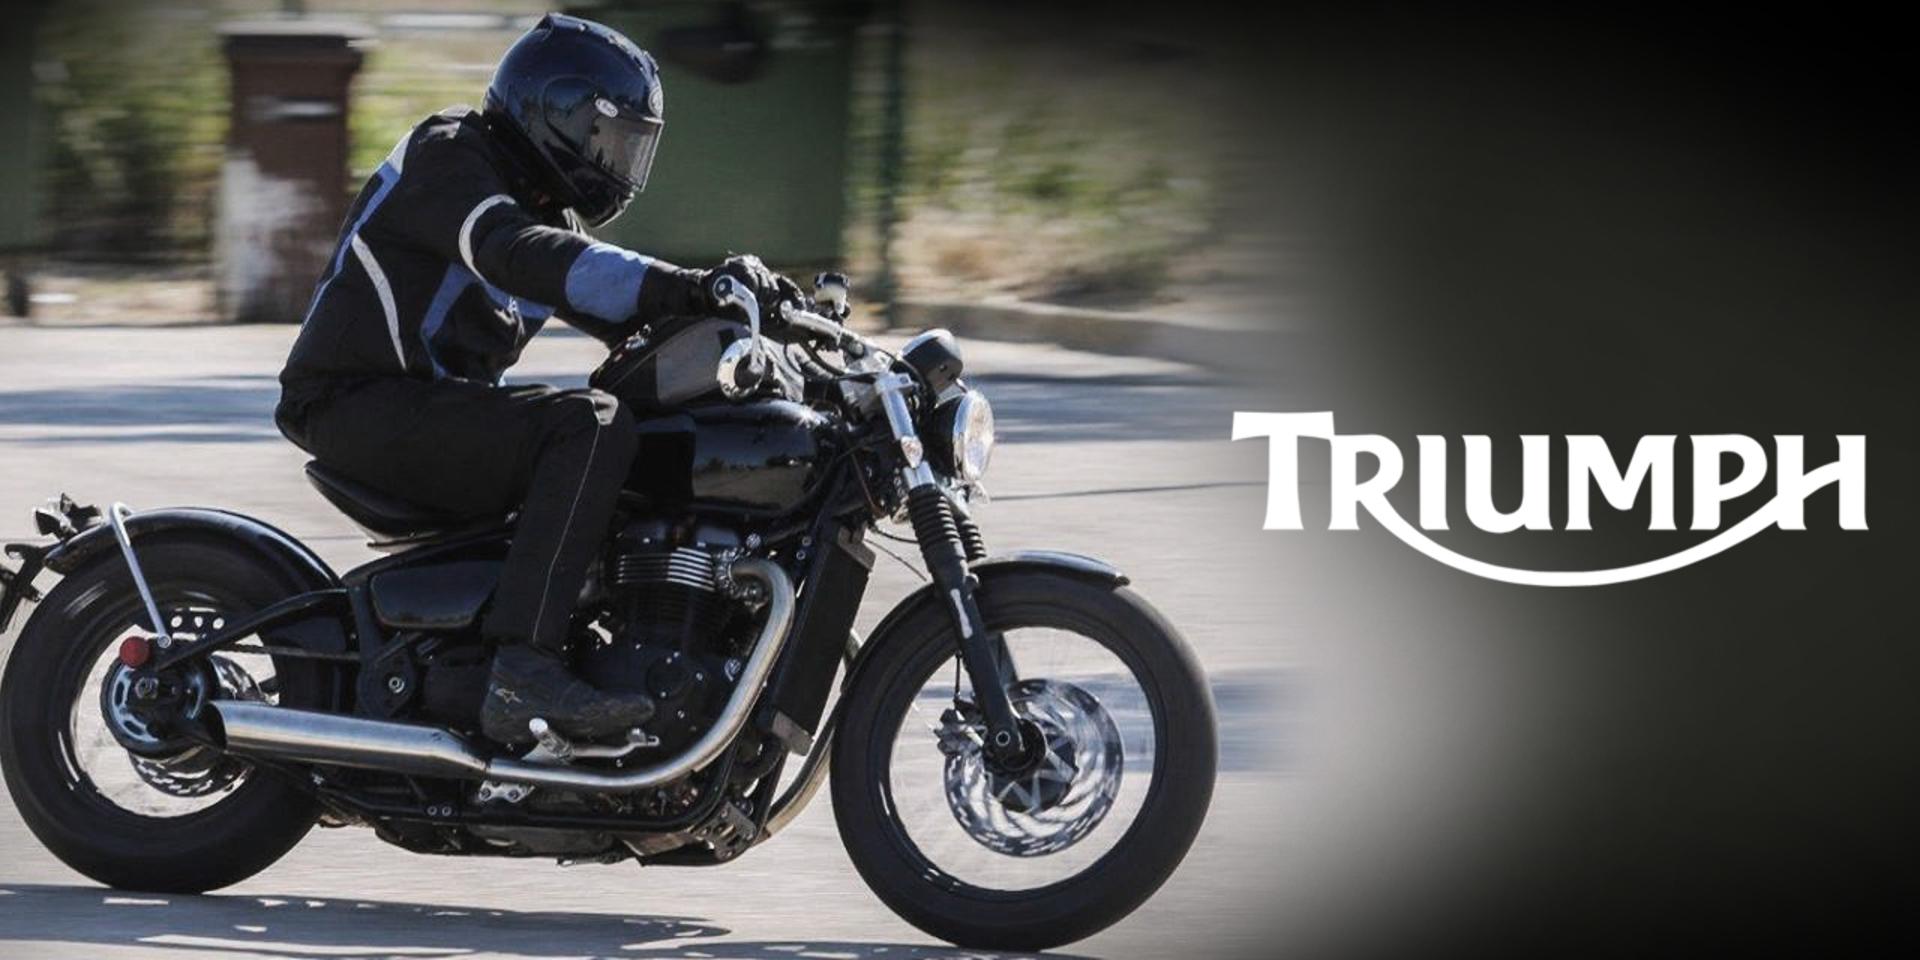 復古浪潮再添新兵-Triumph新車款,西班牙路測現身